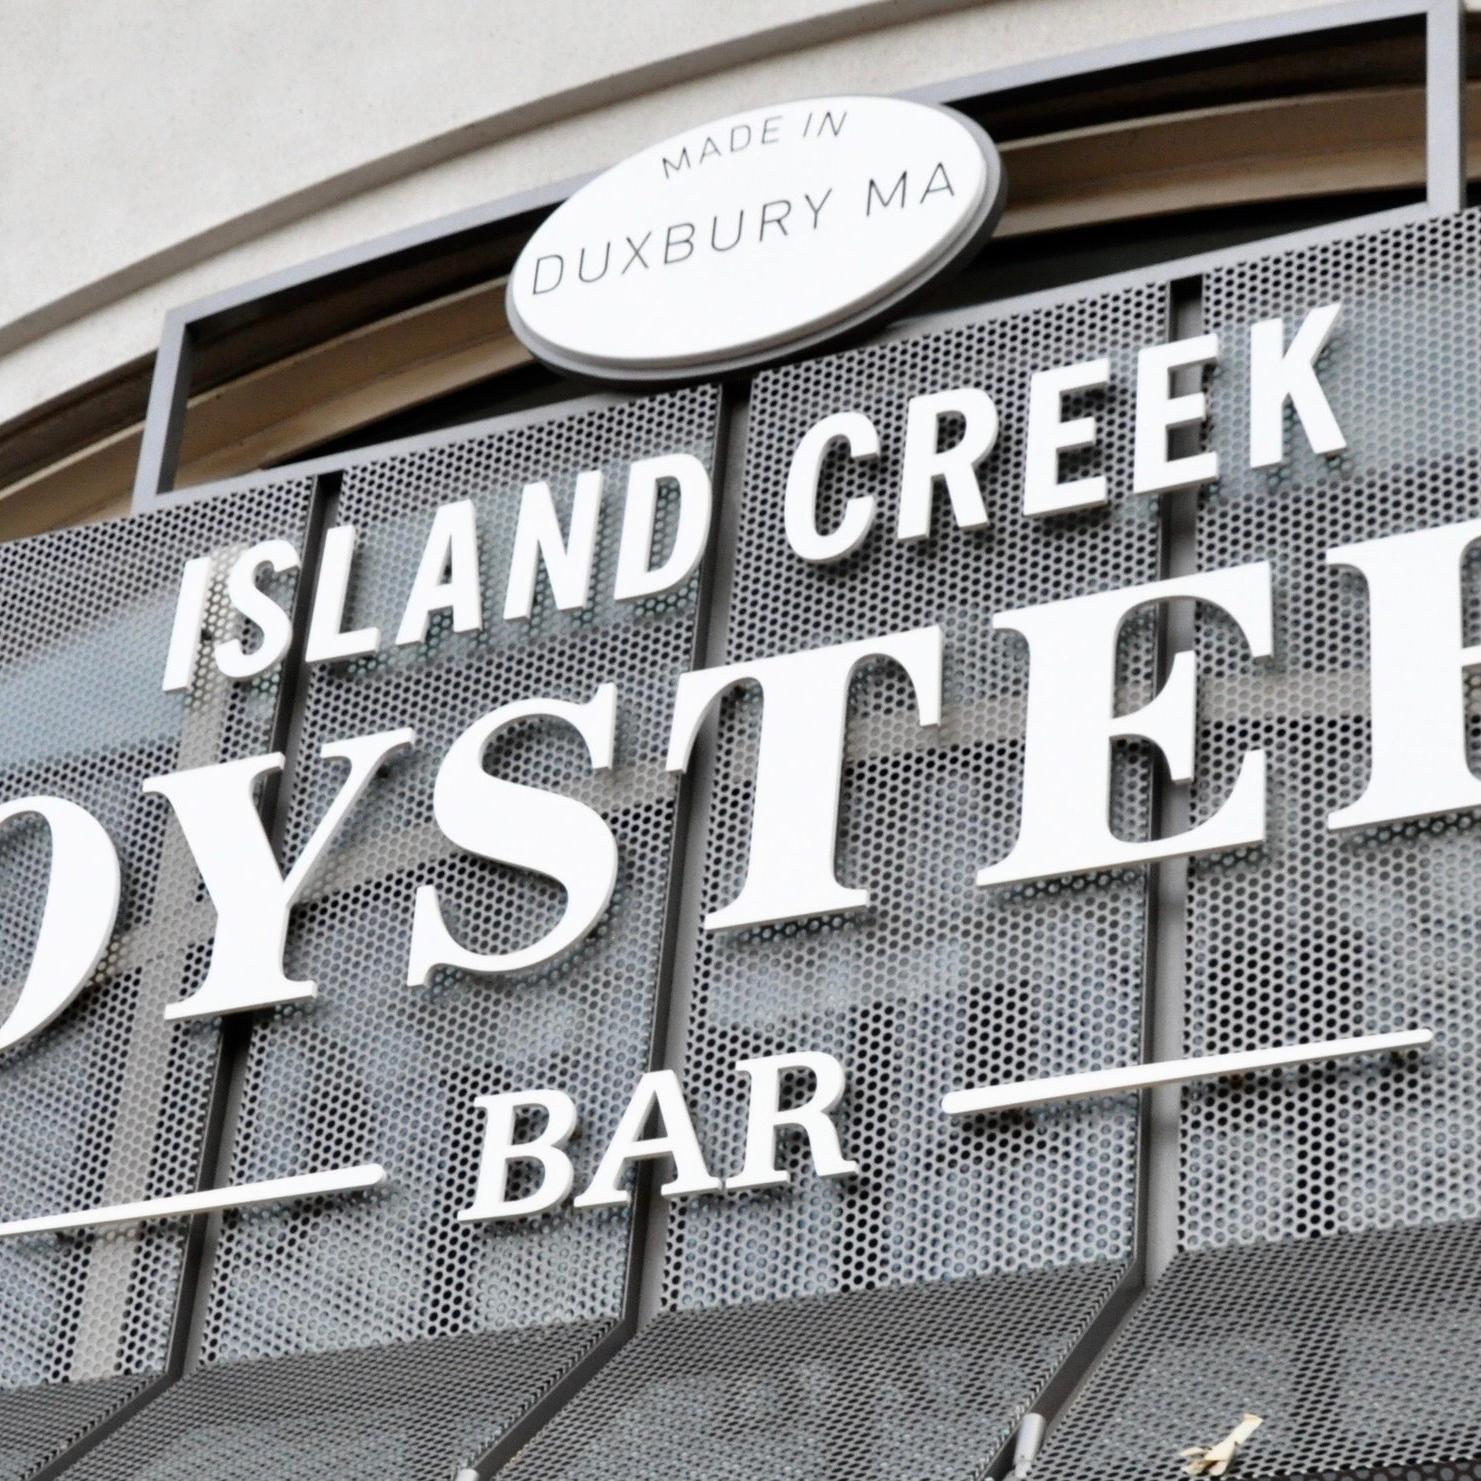 Island Creek Oyster Bar, Boston, MA -